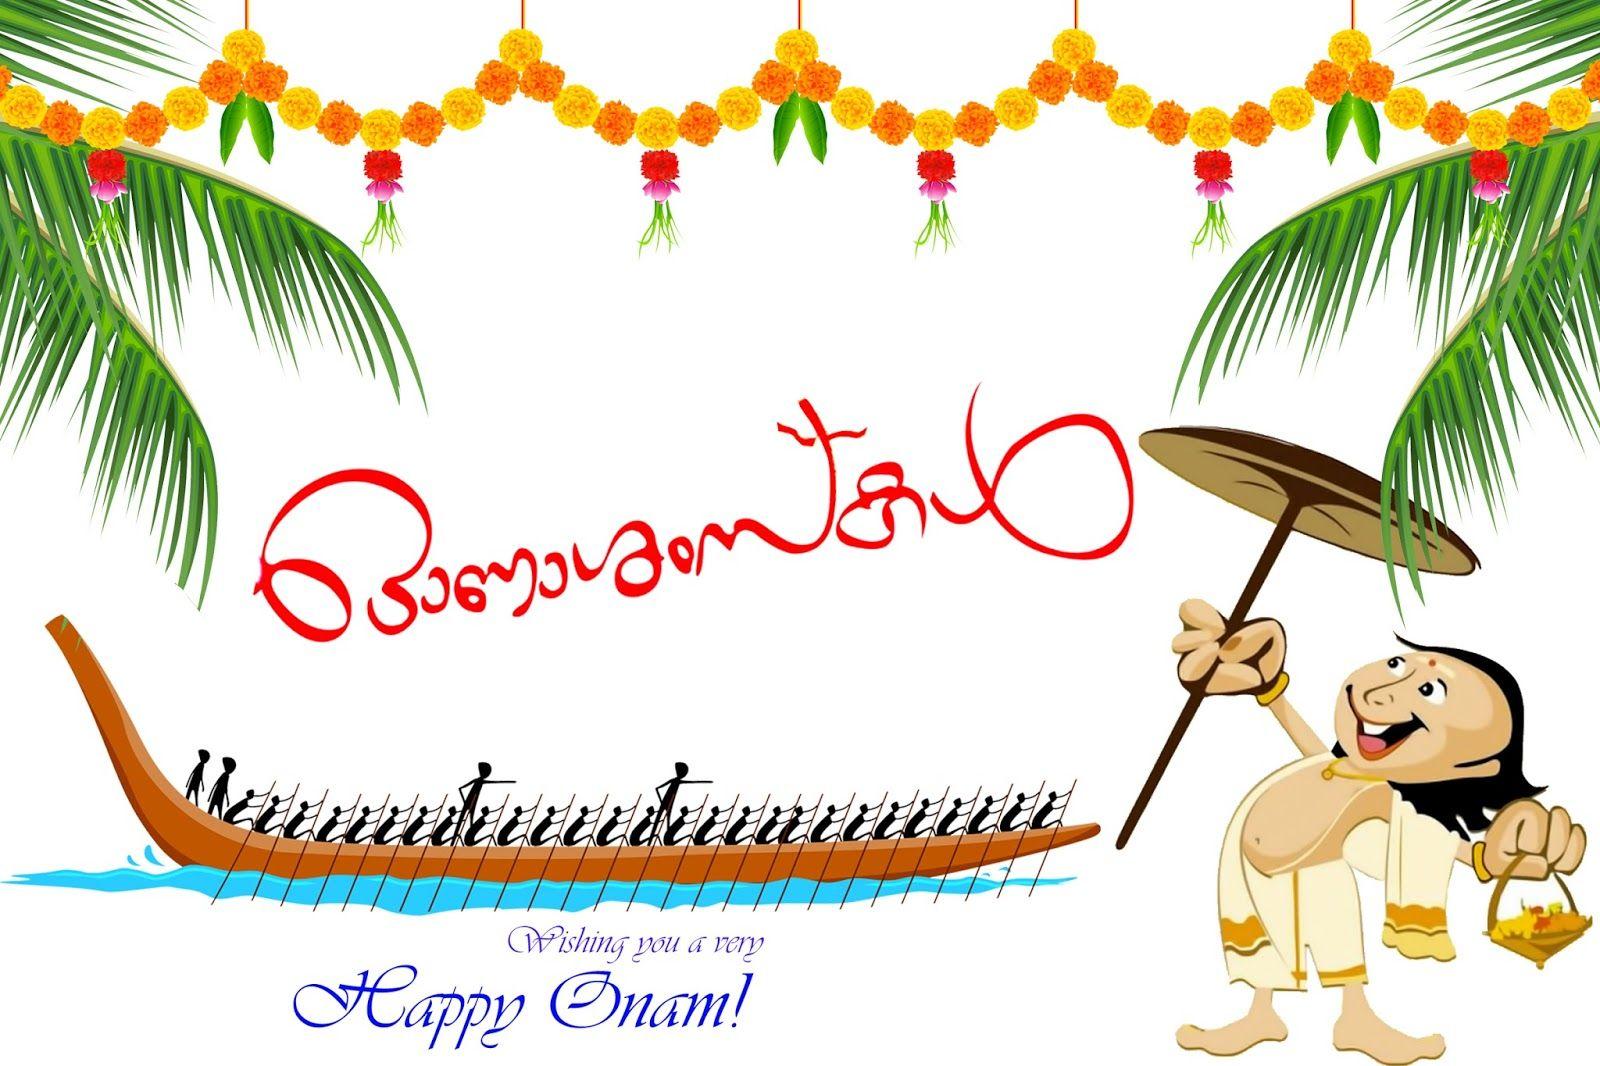 happy onam malayalam wishes . download these happy onam